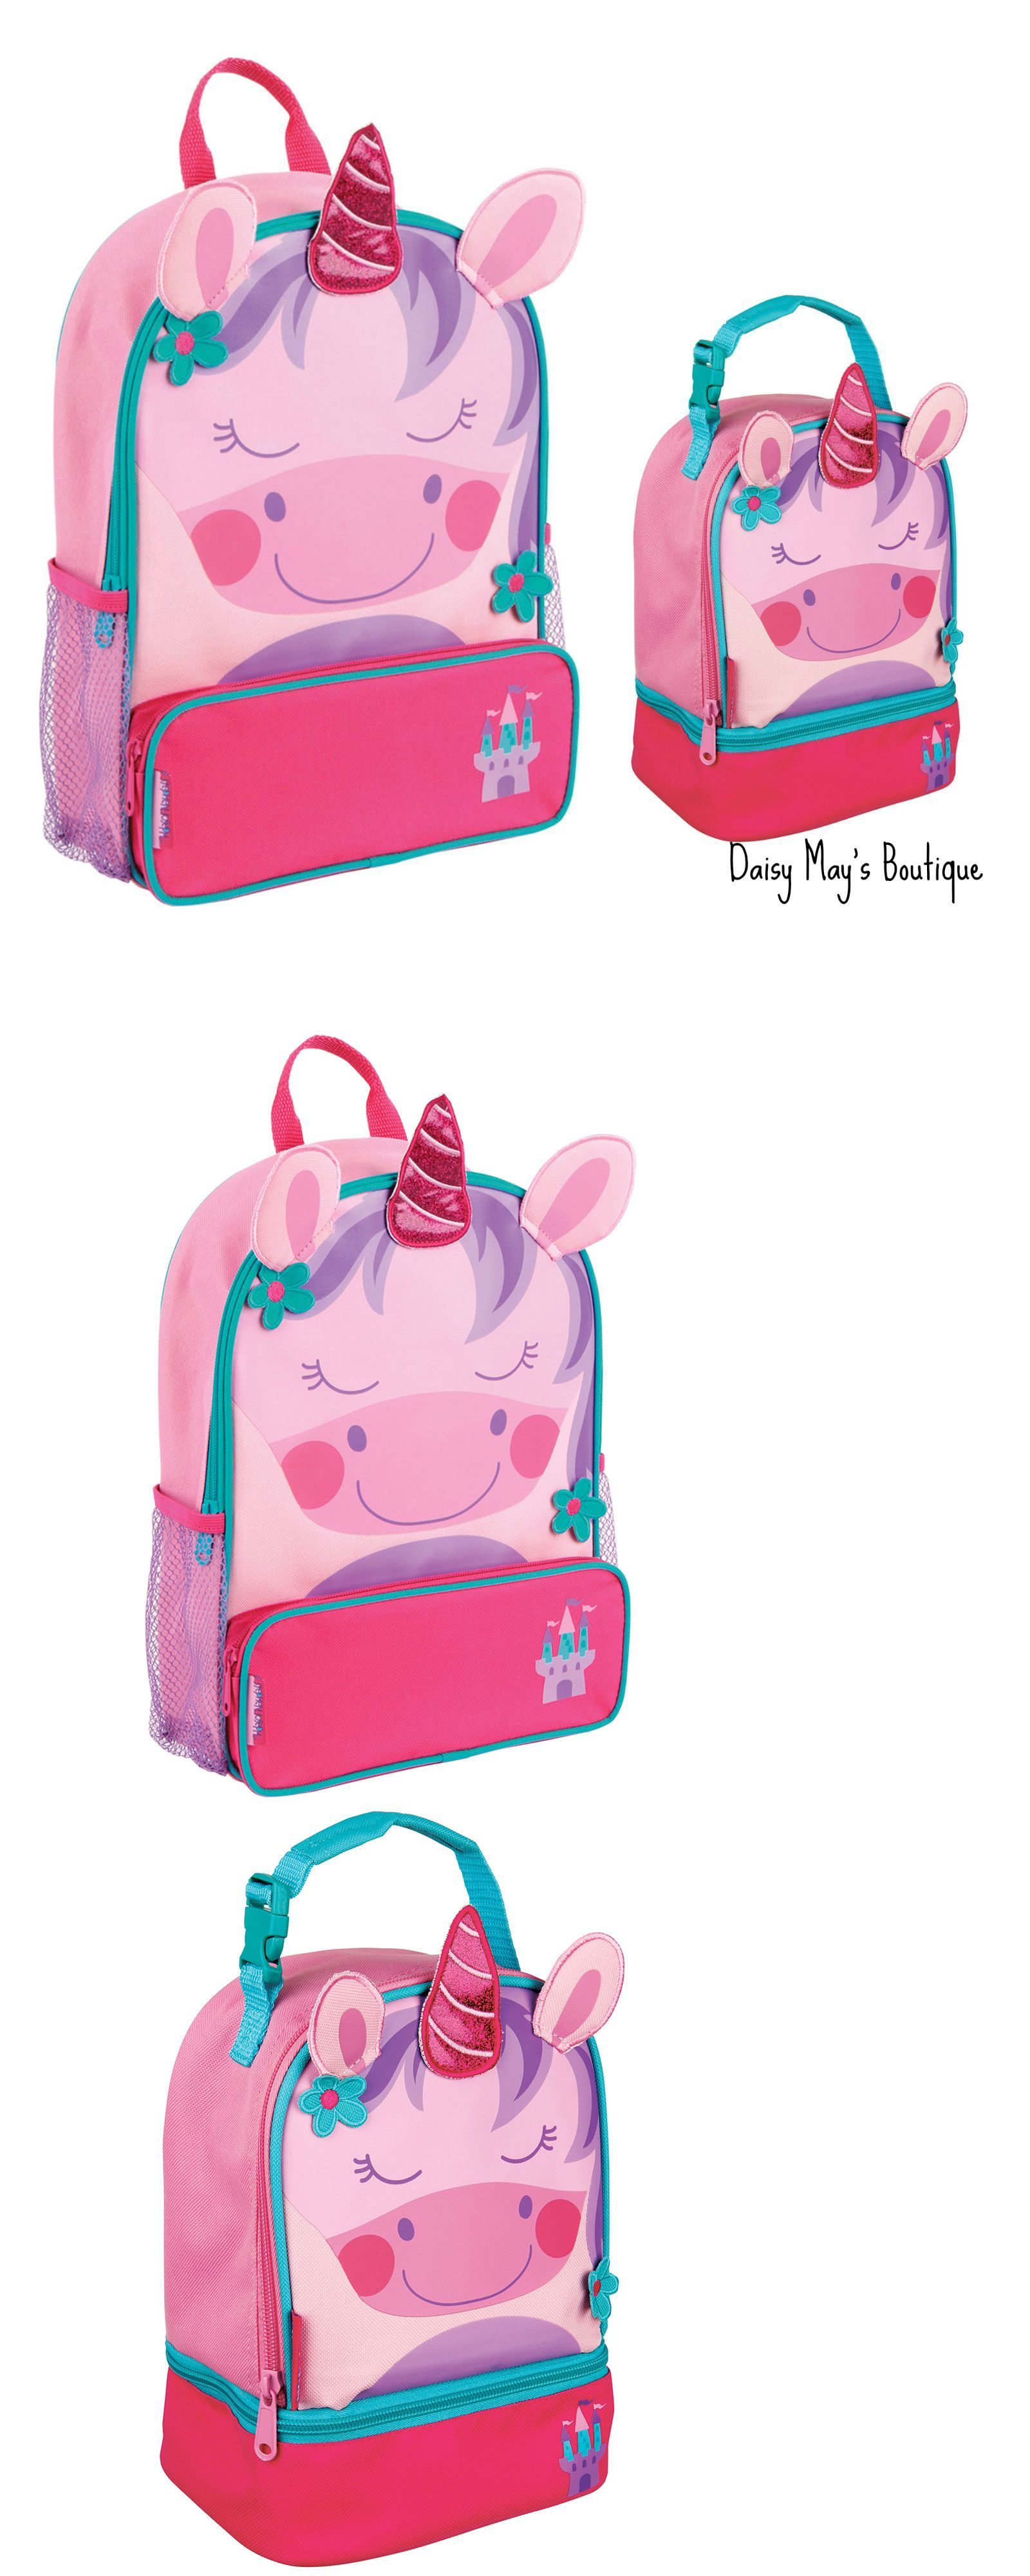 Bookbag clipart backpack lunchbox. Backpacks stephen joseph girls